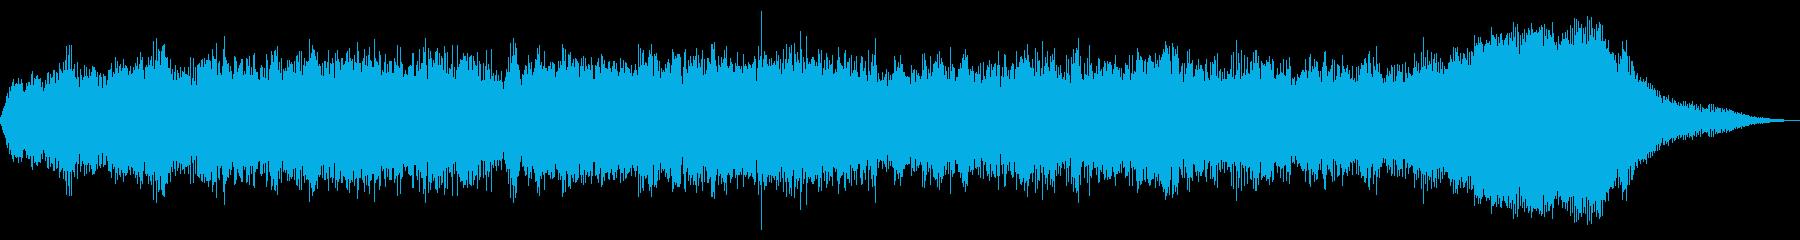 教会系ジングル15秒 Ver.06の再生済みの波形